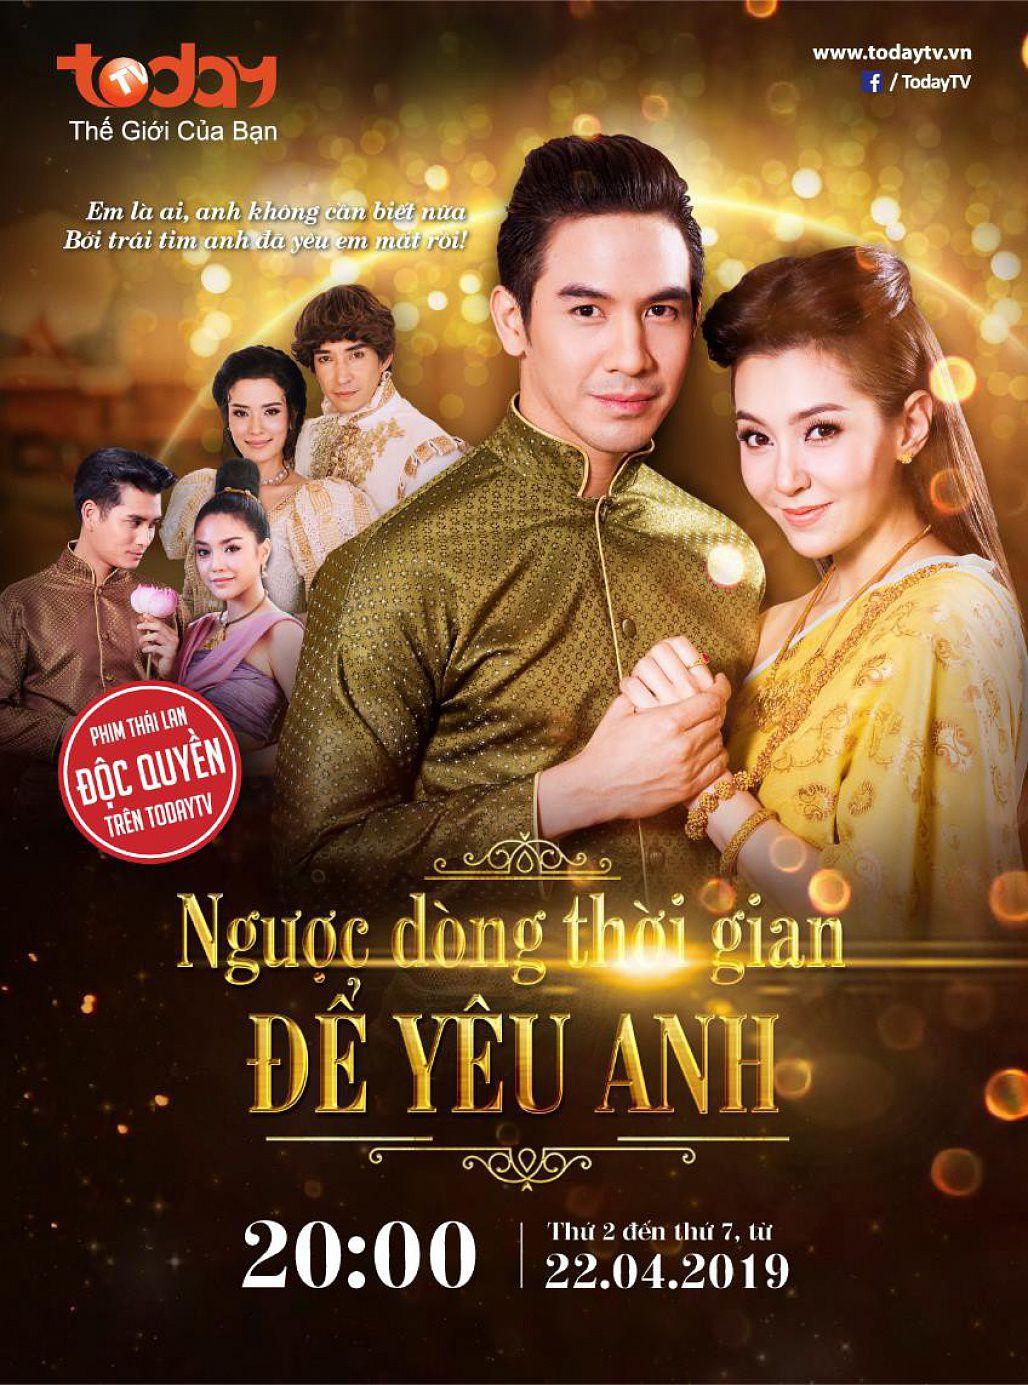 Ngược dòng thời gian để yêu anh: Phim xuyên không Thái Lan lên sóng TodayTV (7)